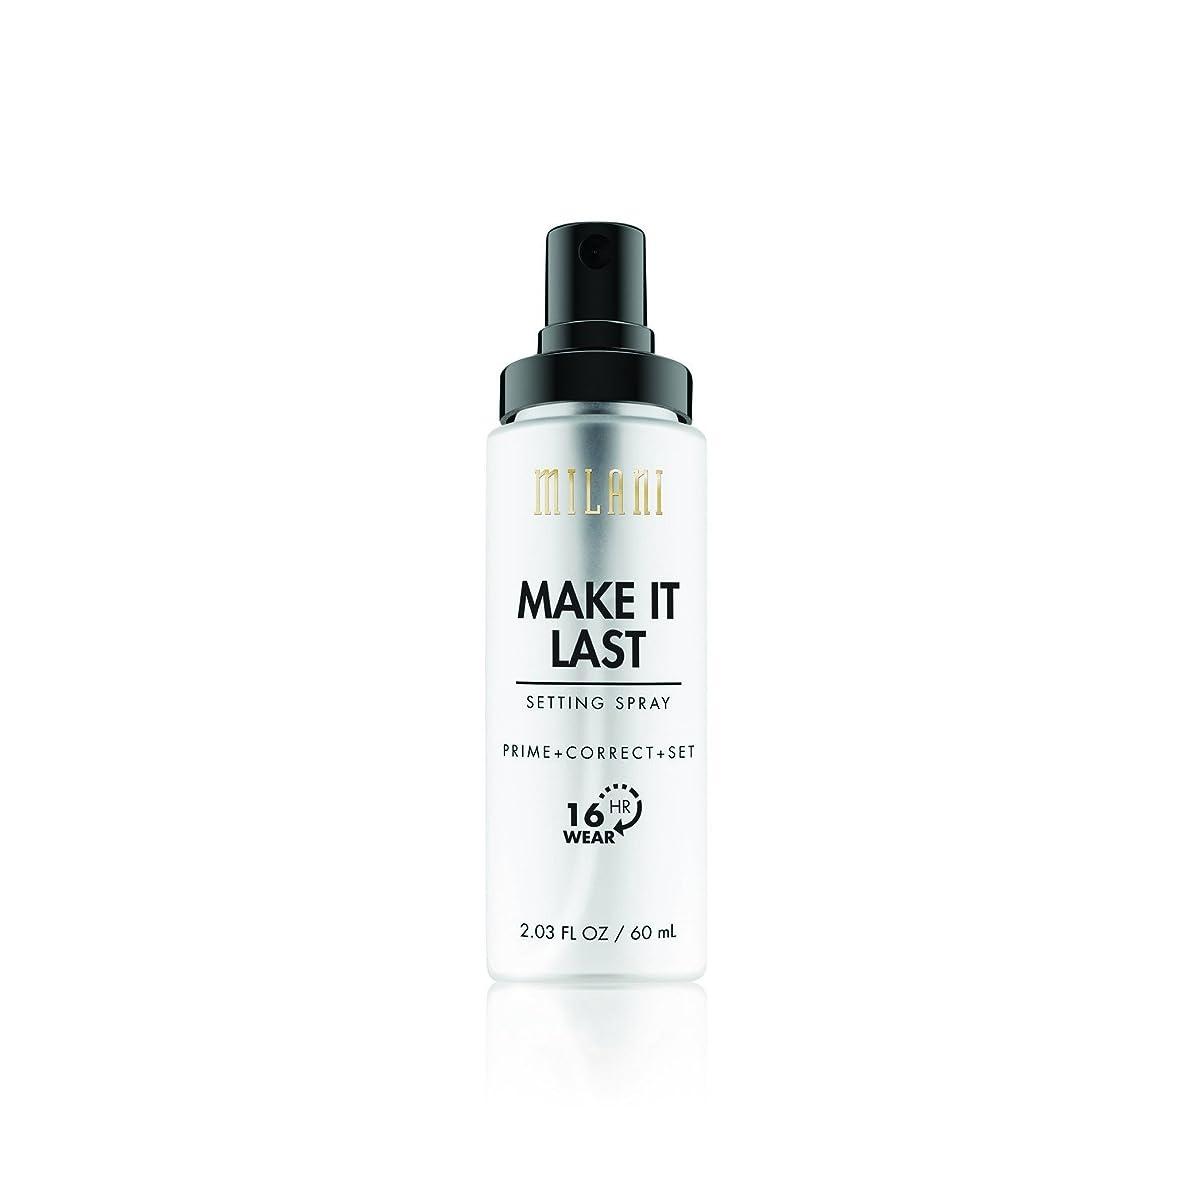 観光に行く僕の行商MILANI Make It Last Setting Spray - Prime + Correct + Set (並行輸入品)